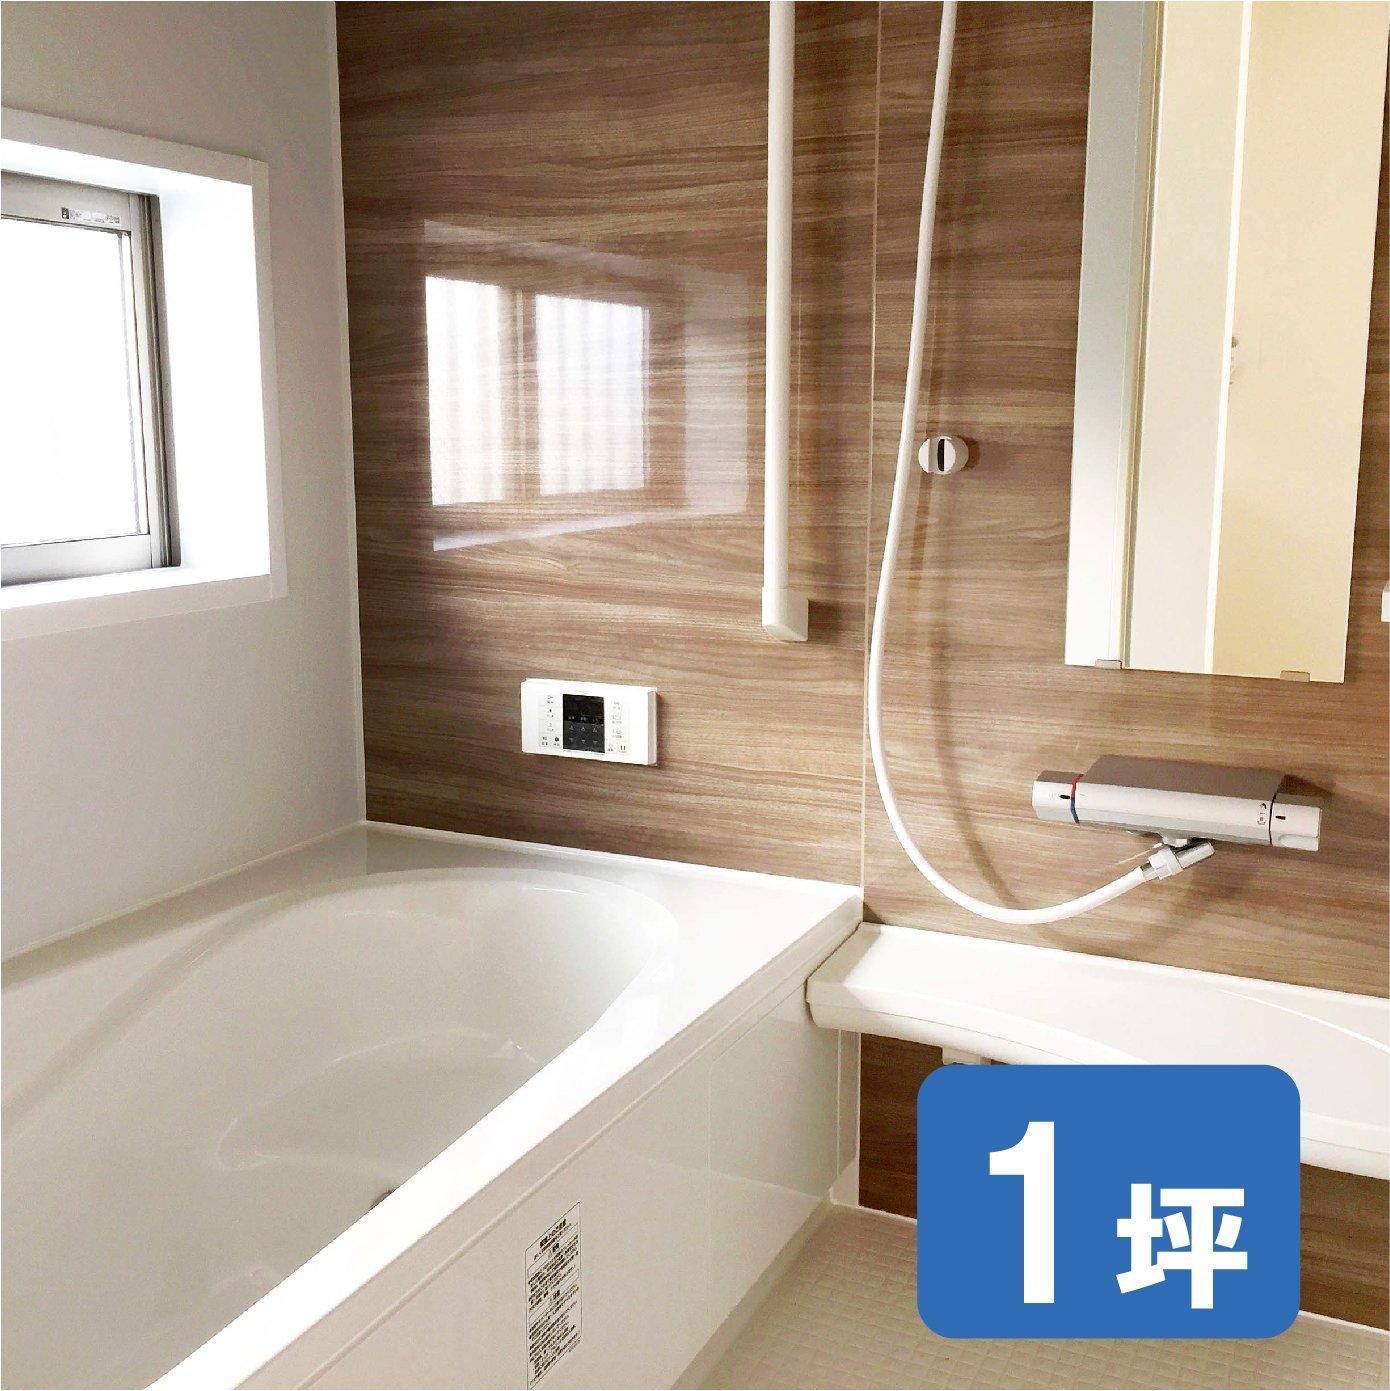 浴室クリーニング(1坪)のイメージその1